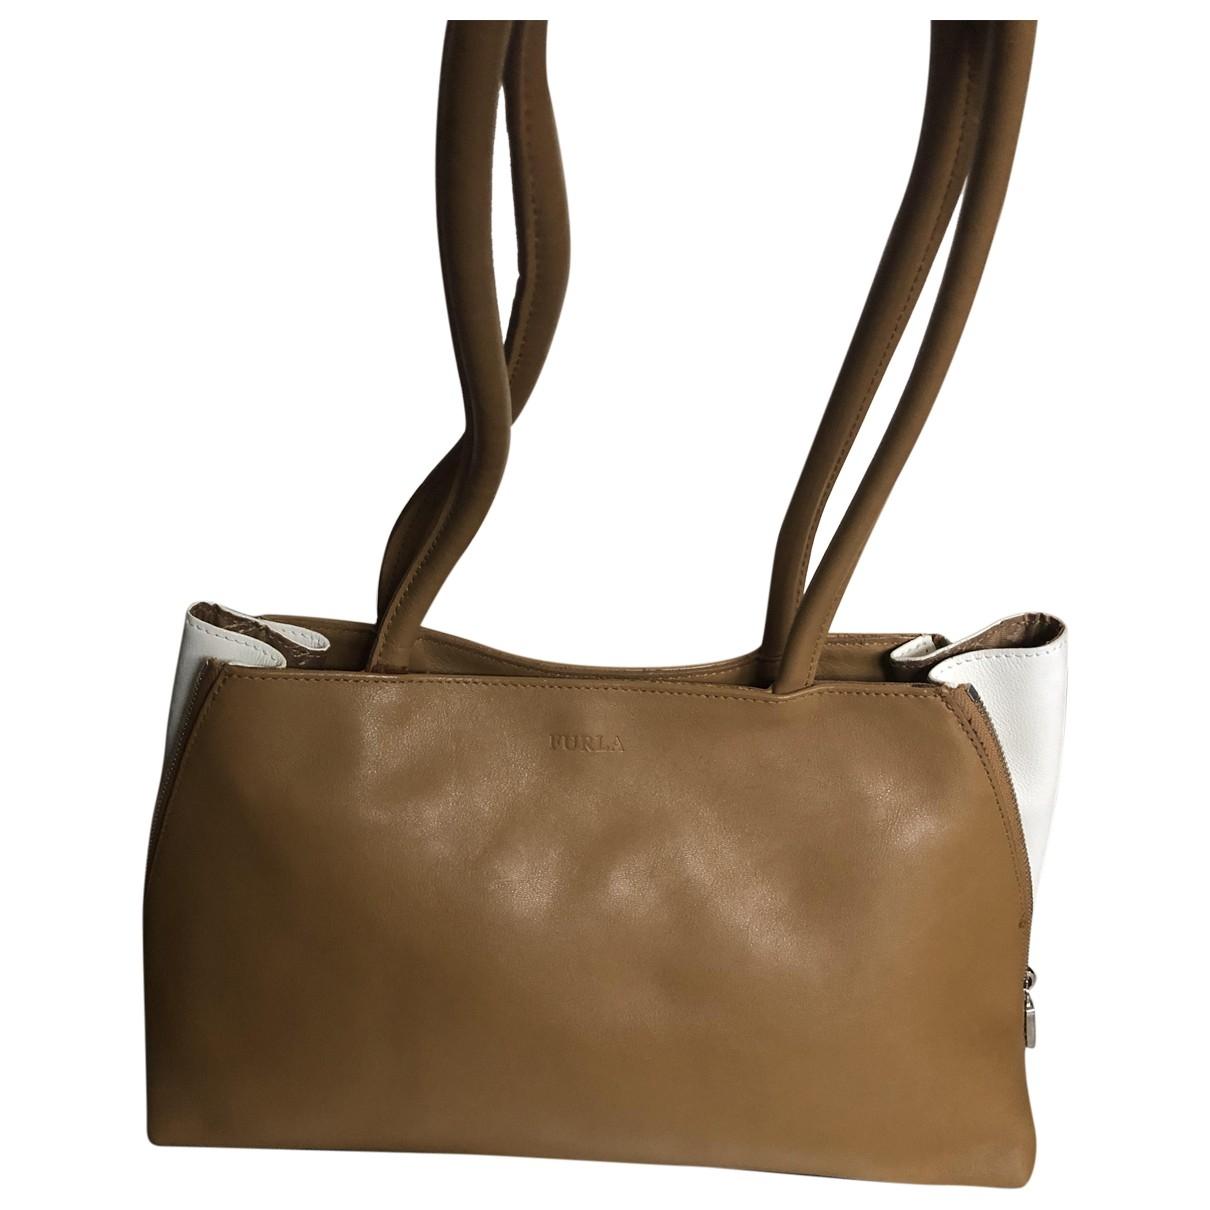 Furla \N Handtasche in  Kamel Leder